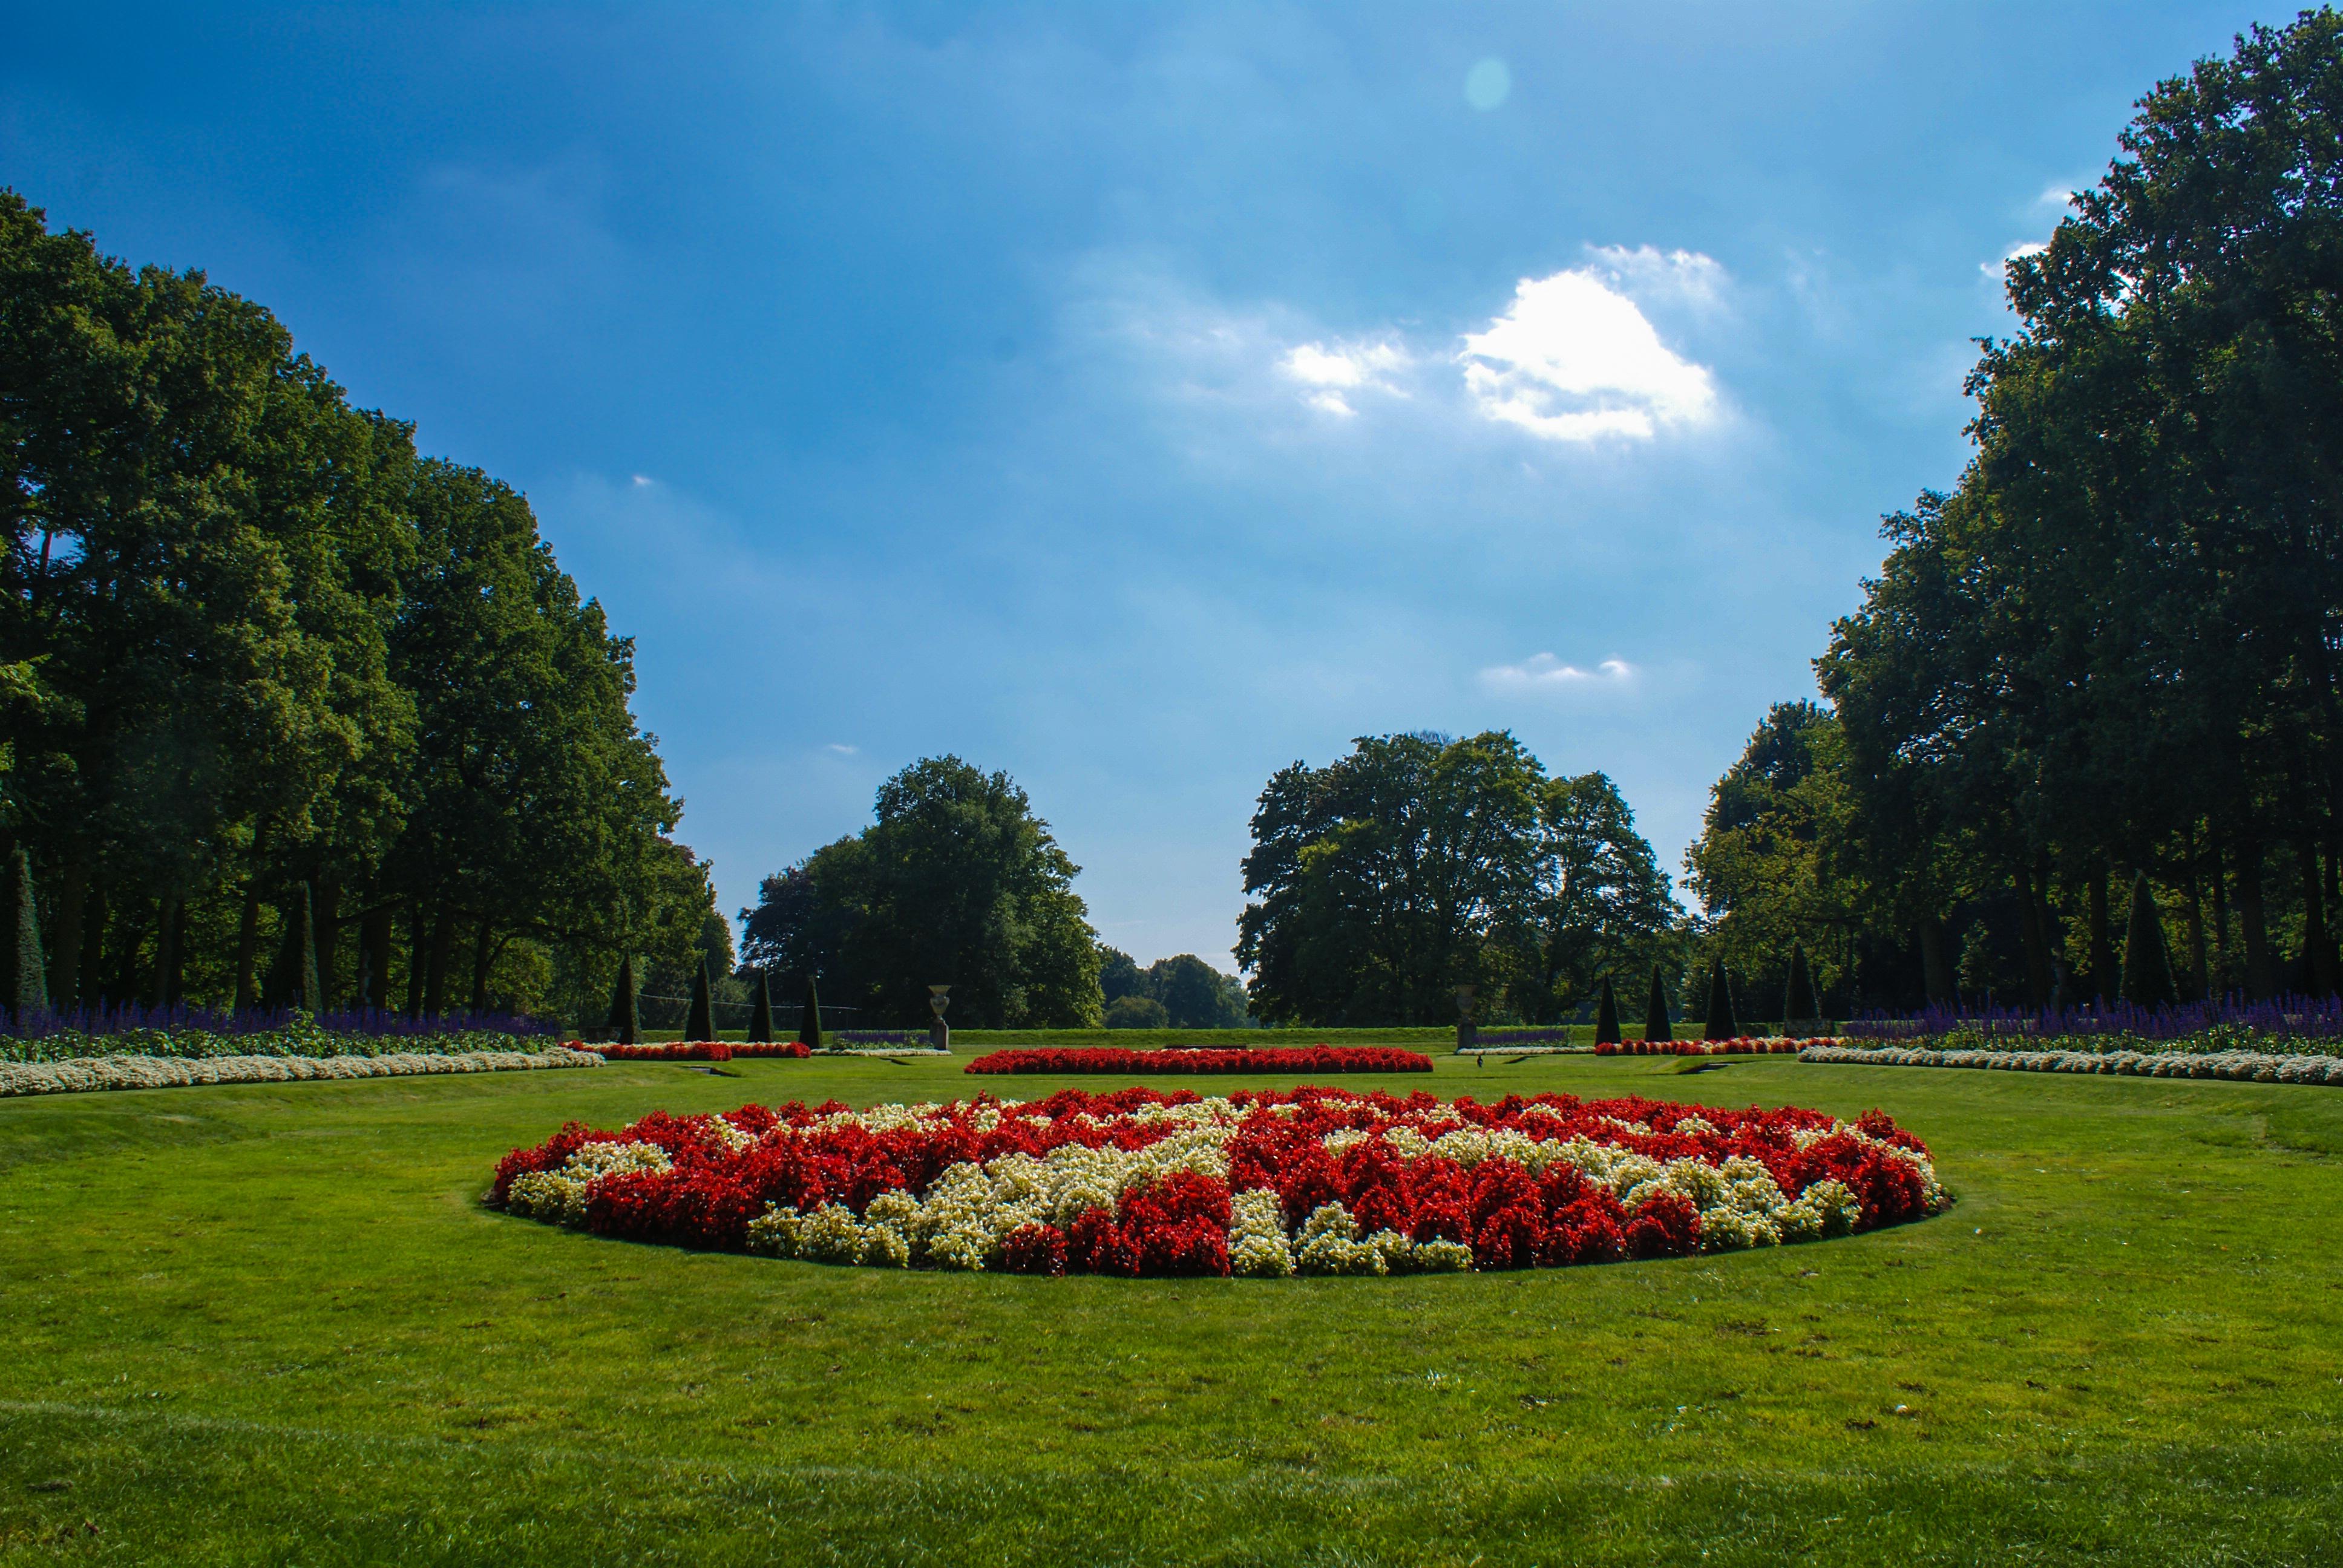 Franse tuinen voorbeelden tuin van versailles beroemd for Franse tuin